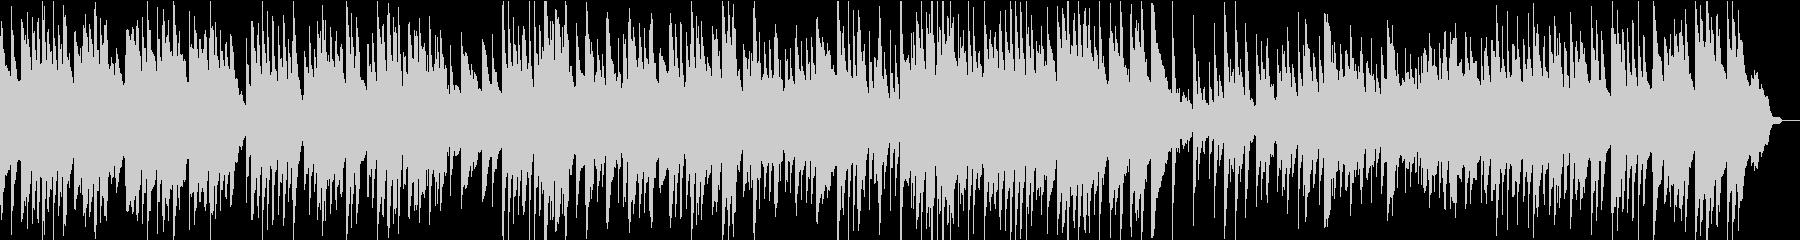 日本的な和風ピアノ・ソロ楽曲。約2分半の未再生の波形